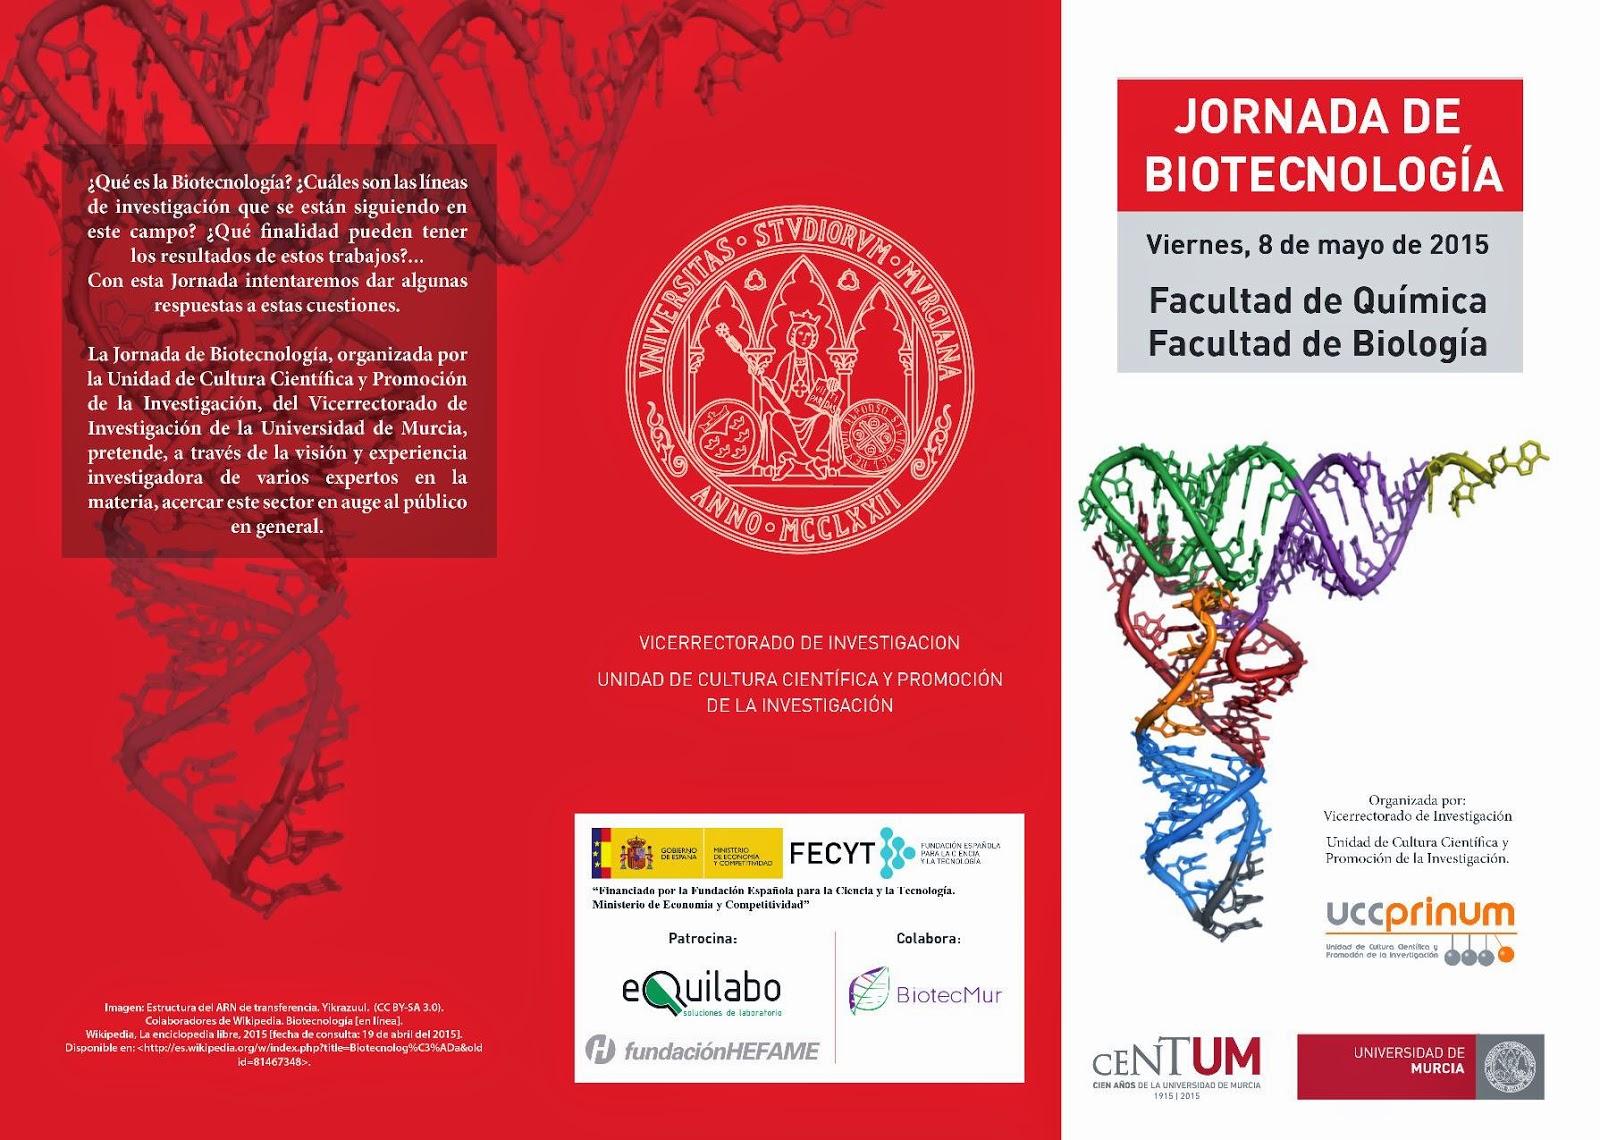 Jornada de Biotecnología de la Unidad de Cultura Científica de la Universidad de Murcia.